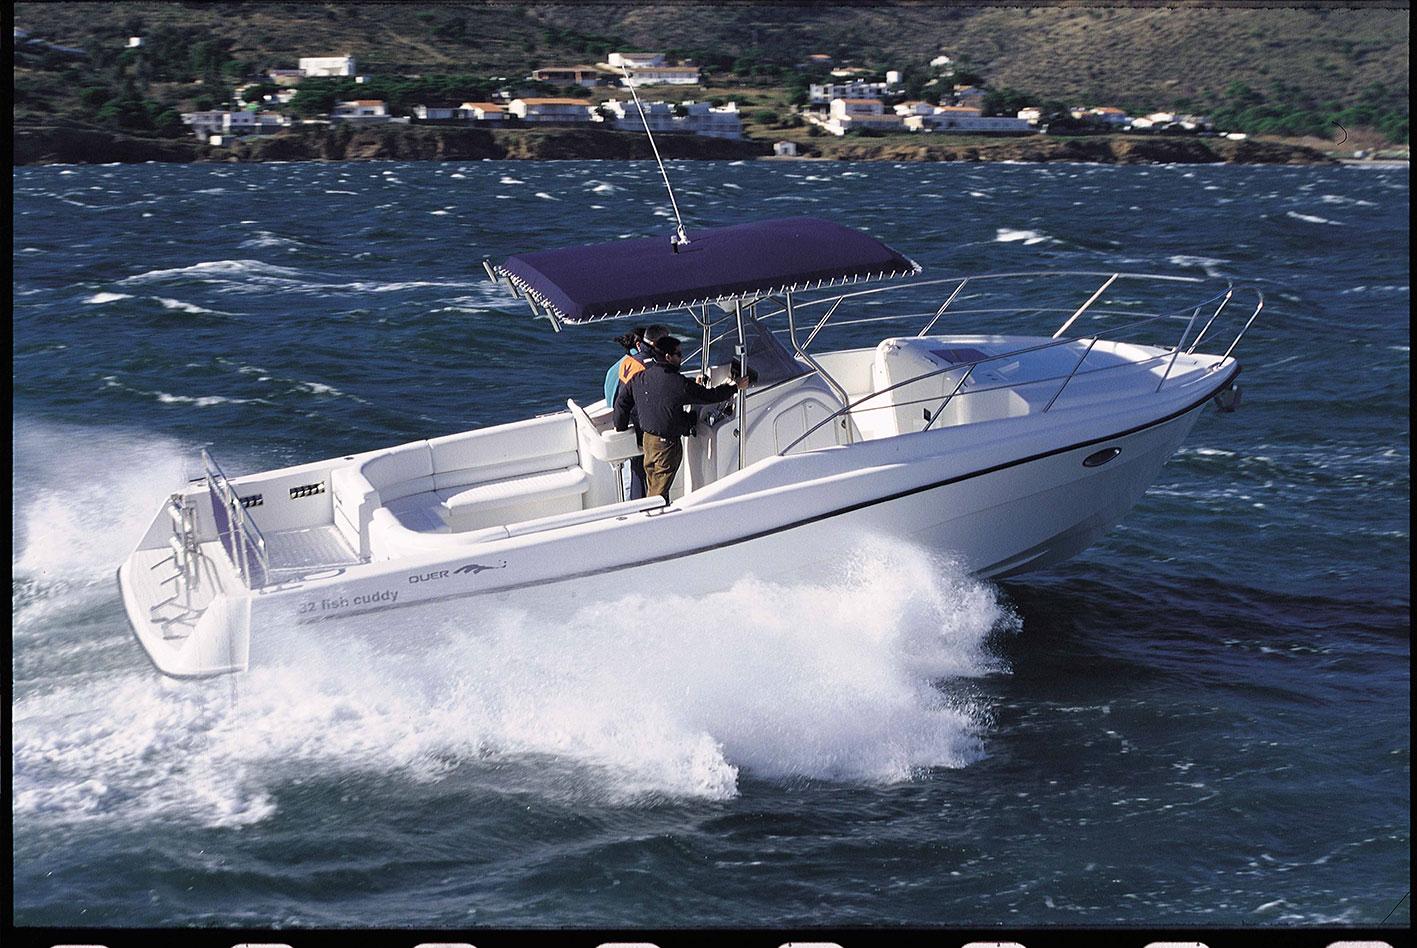 Quer-32-Fisch-Cuddy-02